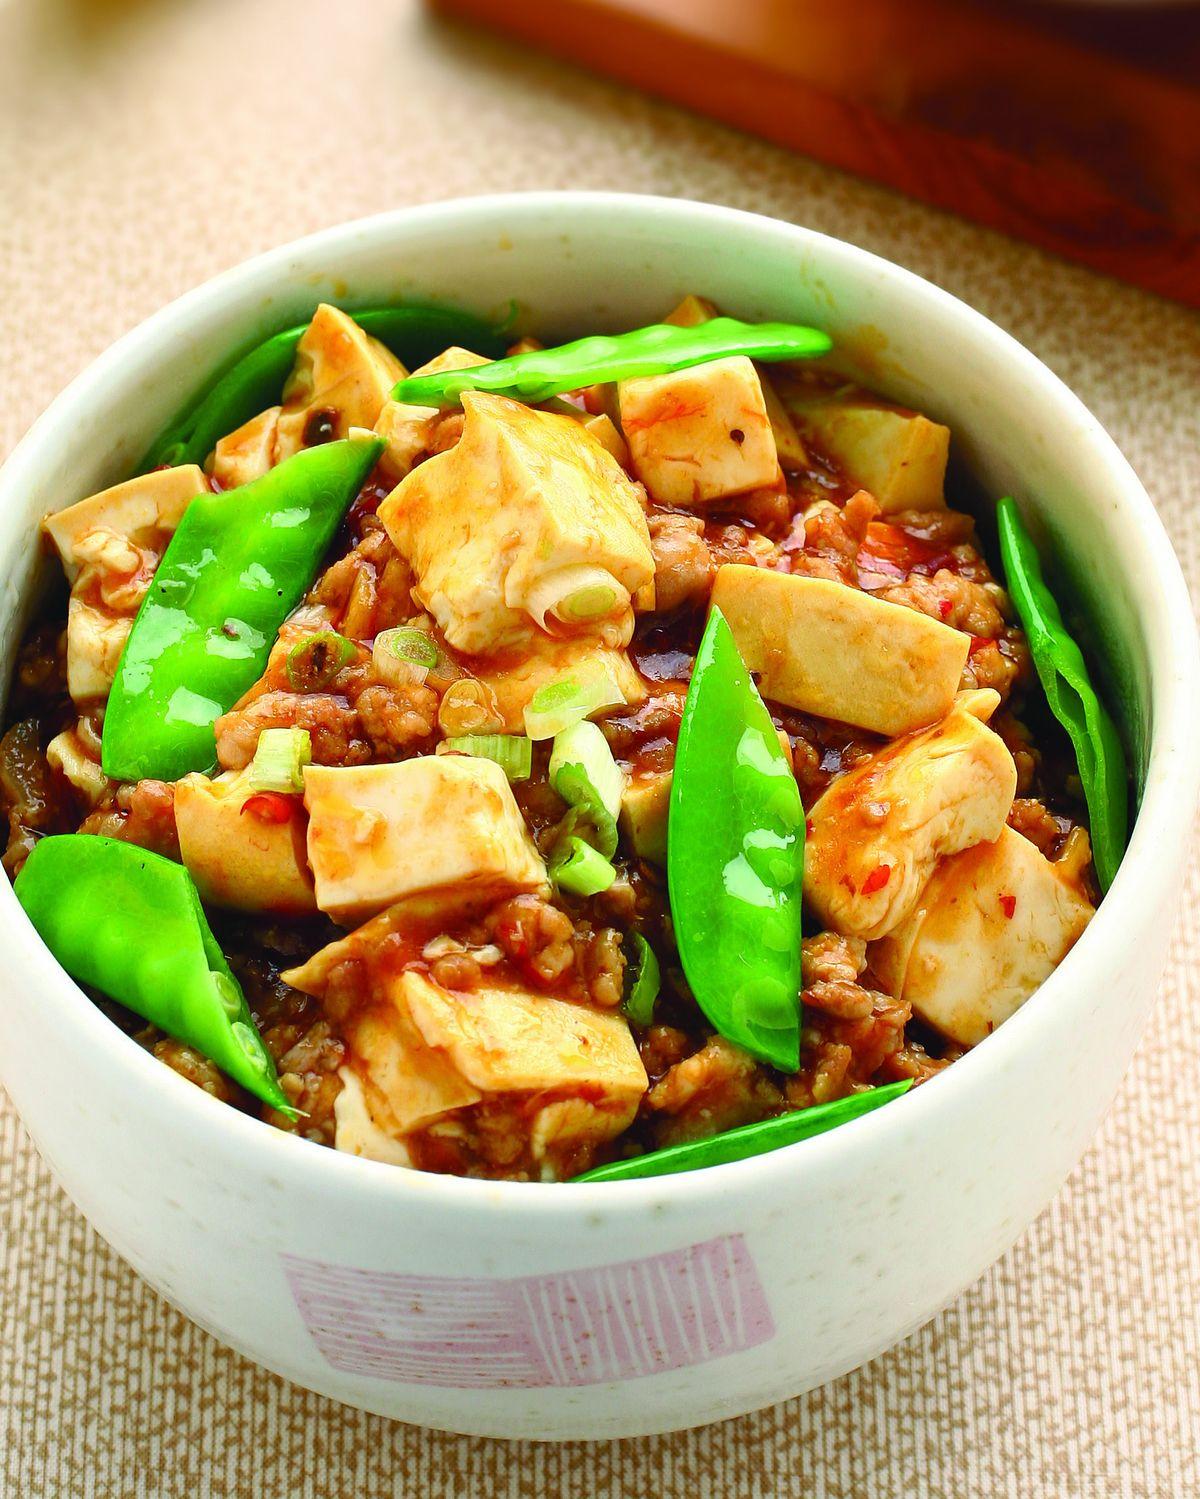 食譜:麻婆豆腐蓋飯(1)